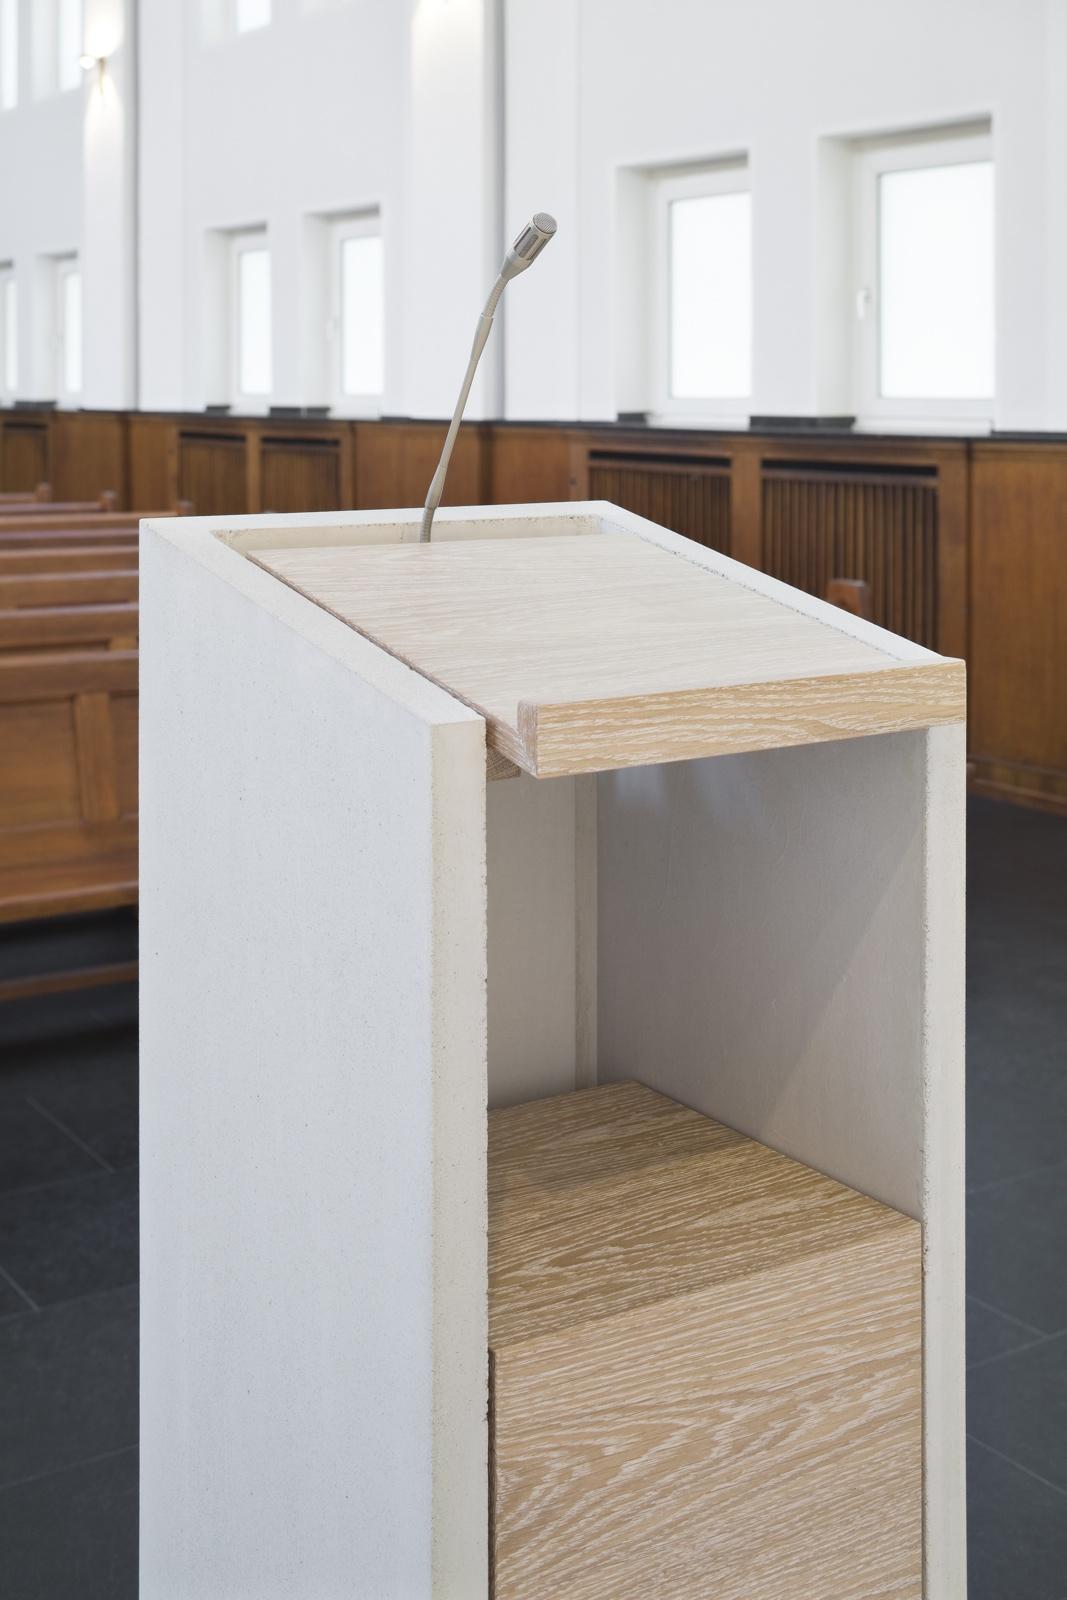 kategorie deutscher innenarchitektur preis 2014 - bdia bund, Innenarchitektur ideen